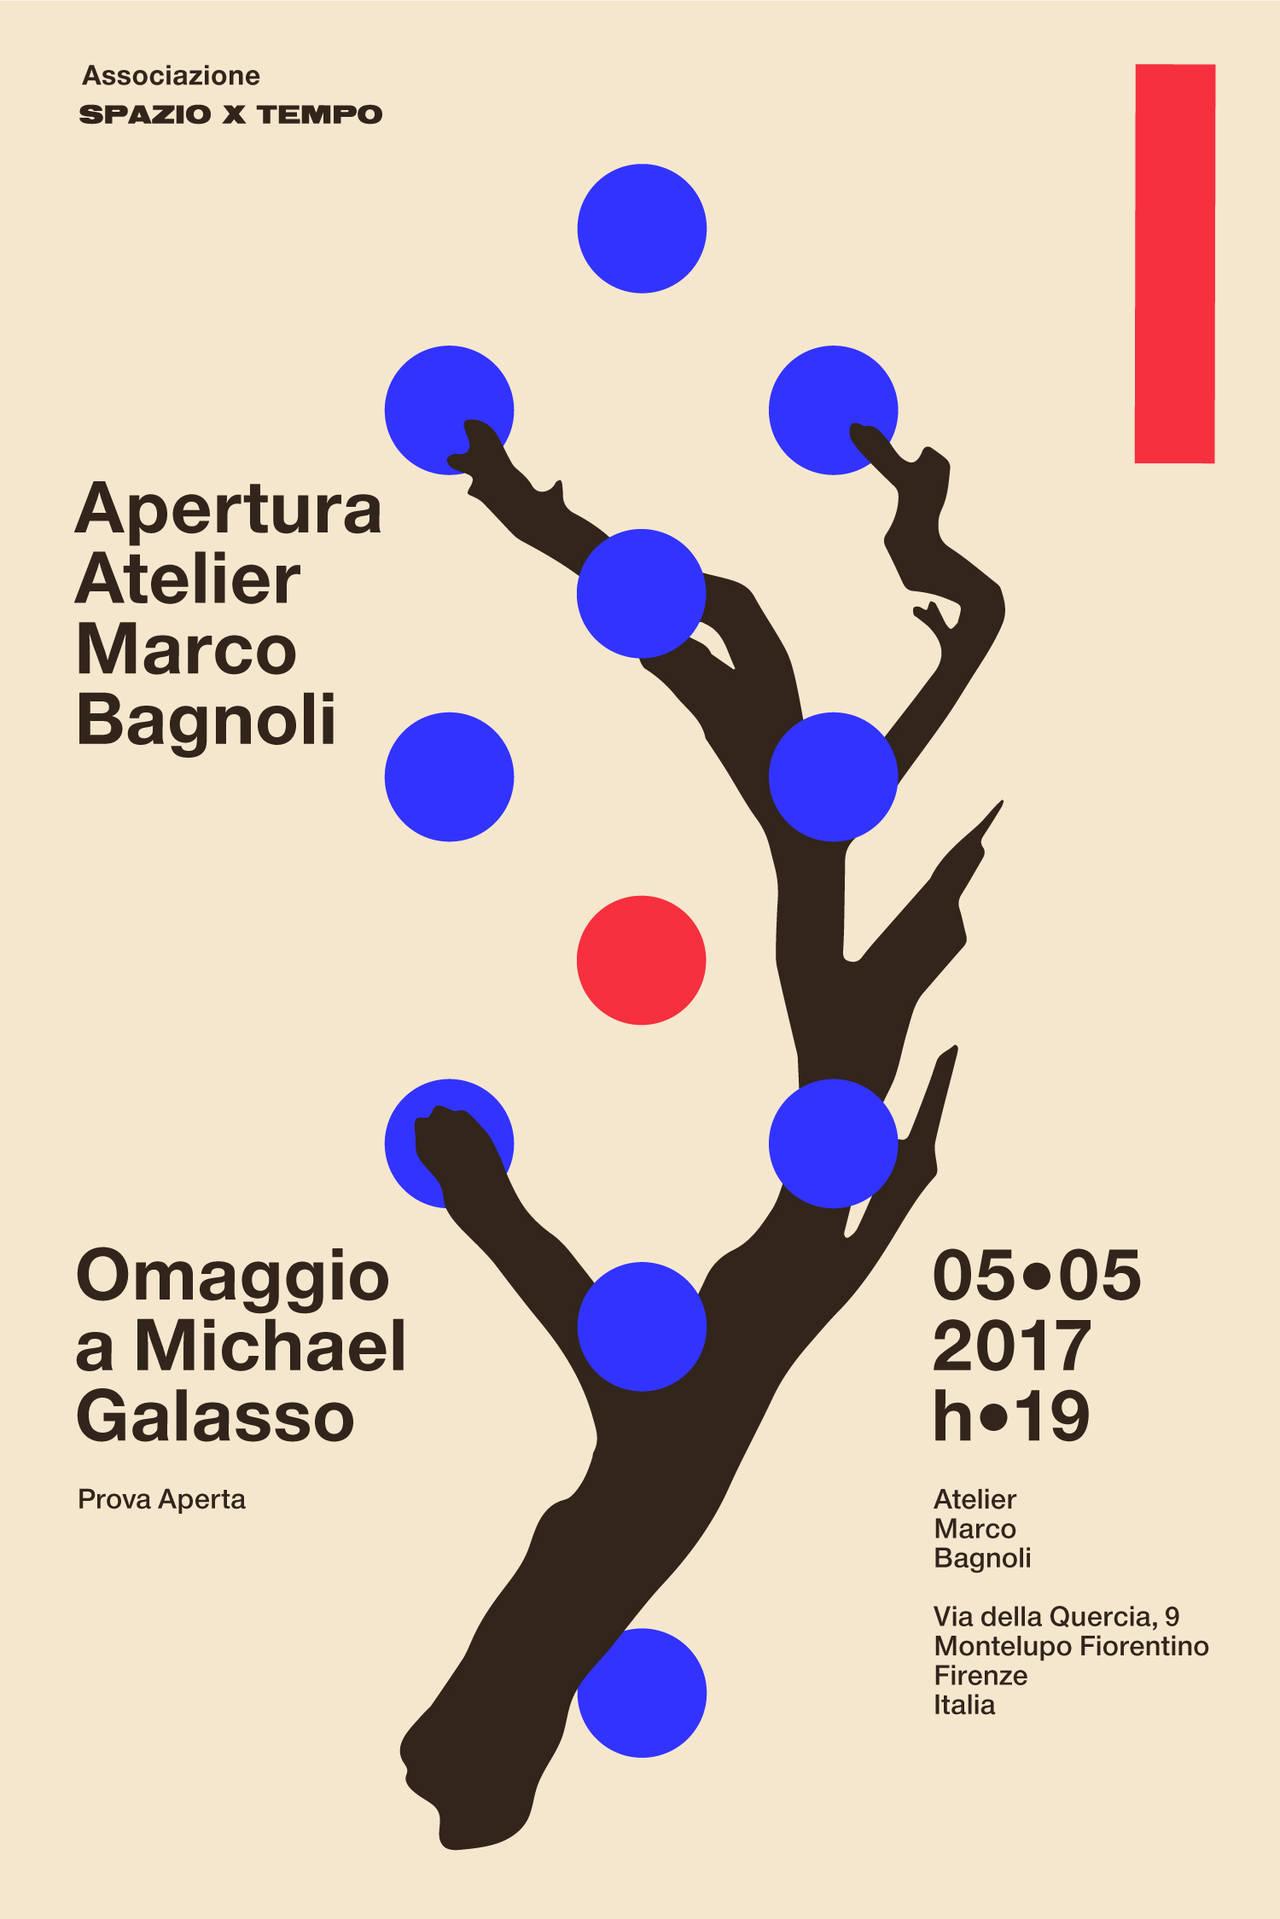 marco_bagnoli_atelier_hq